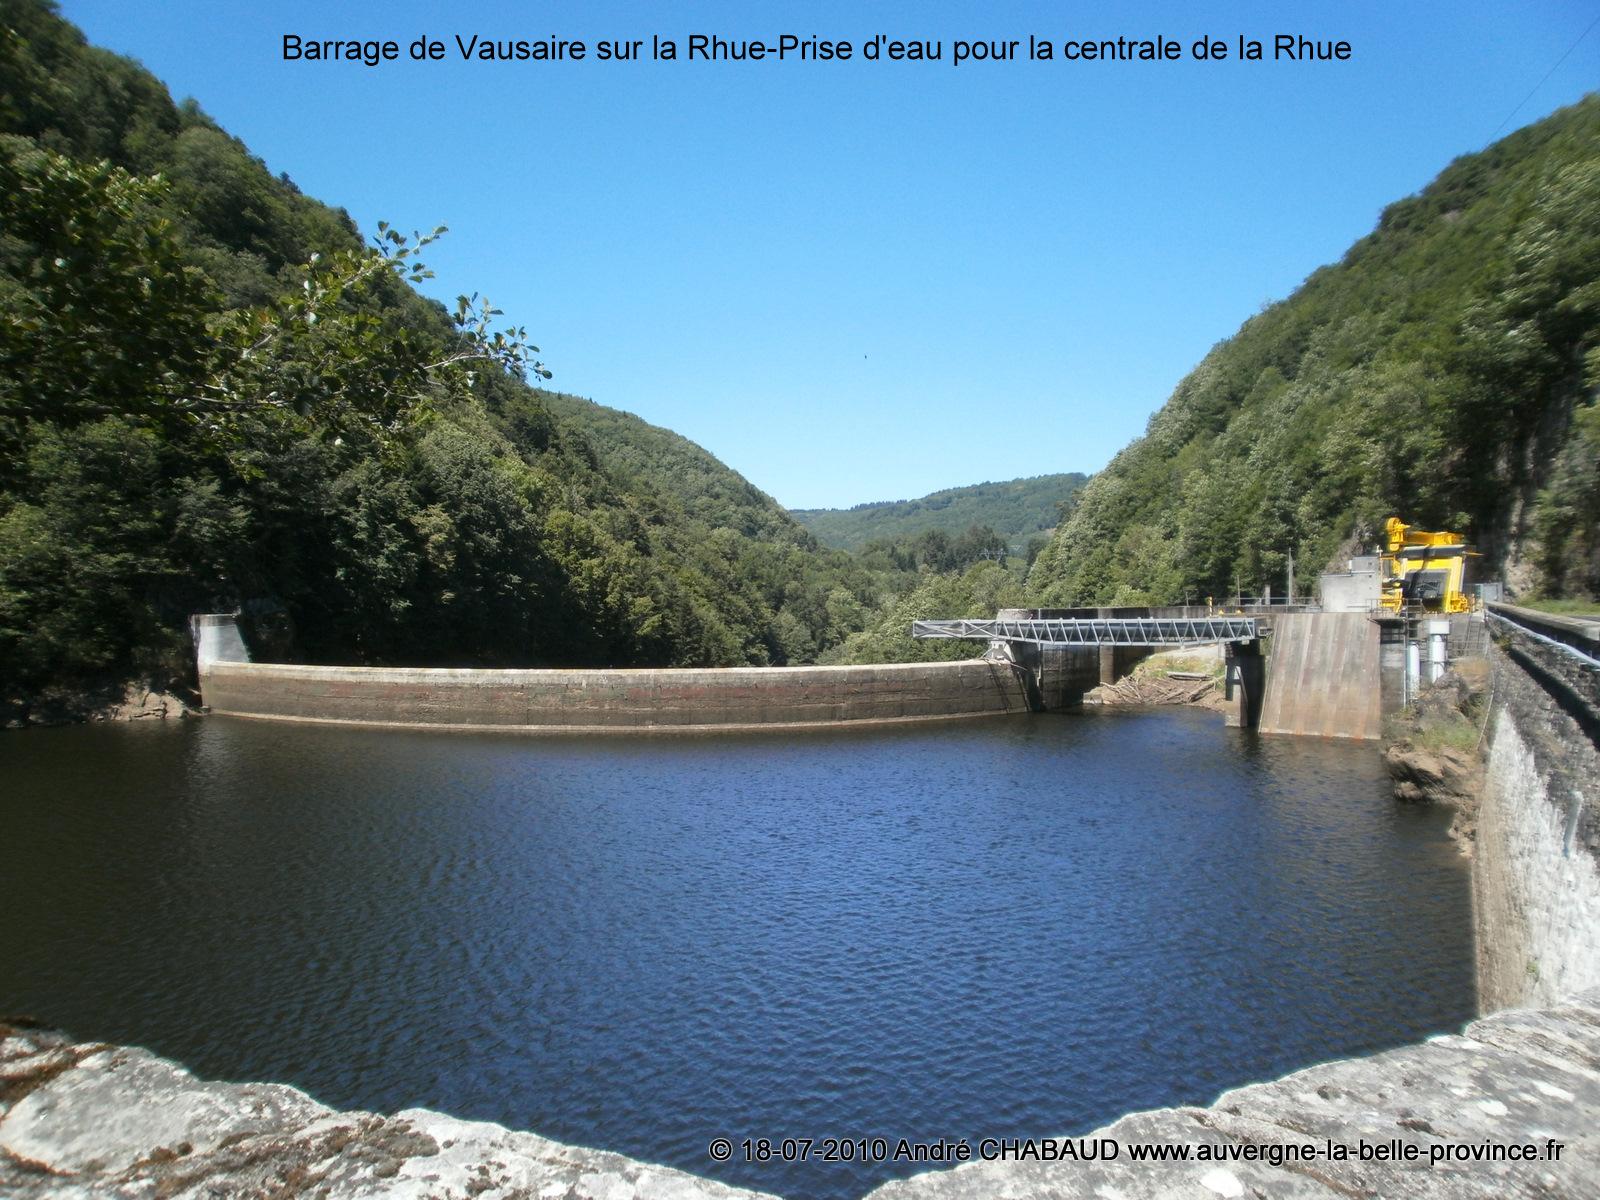 Barrage de Vaussaire sur la Rhue